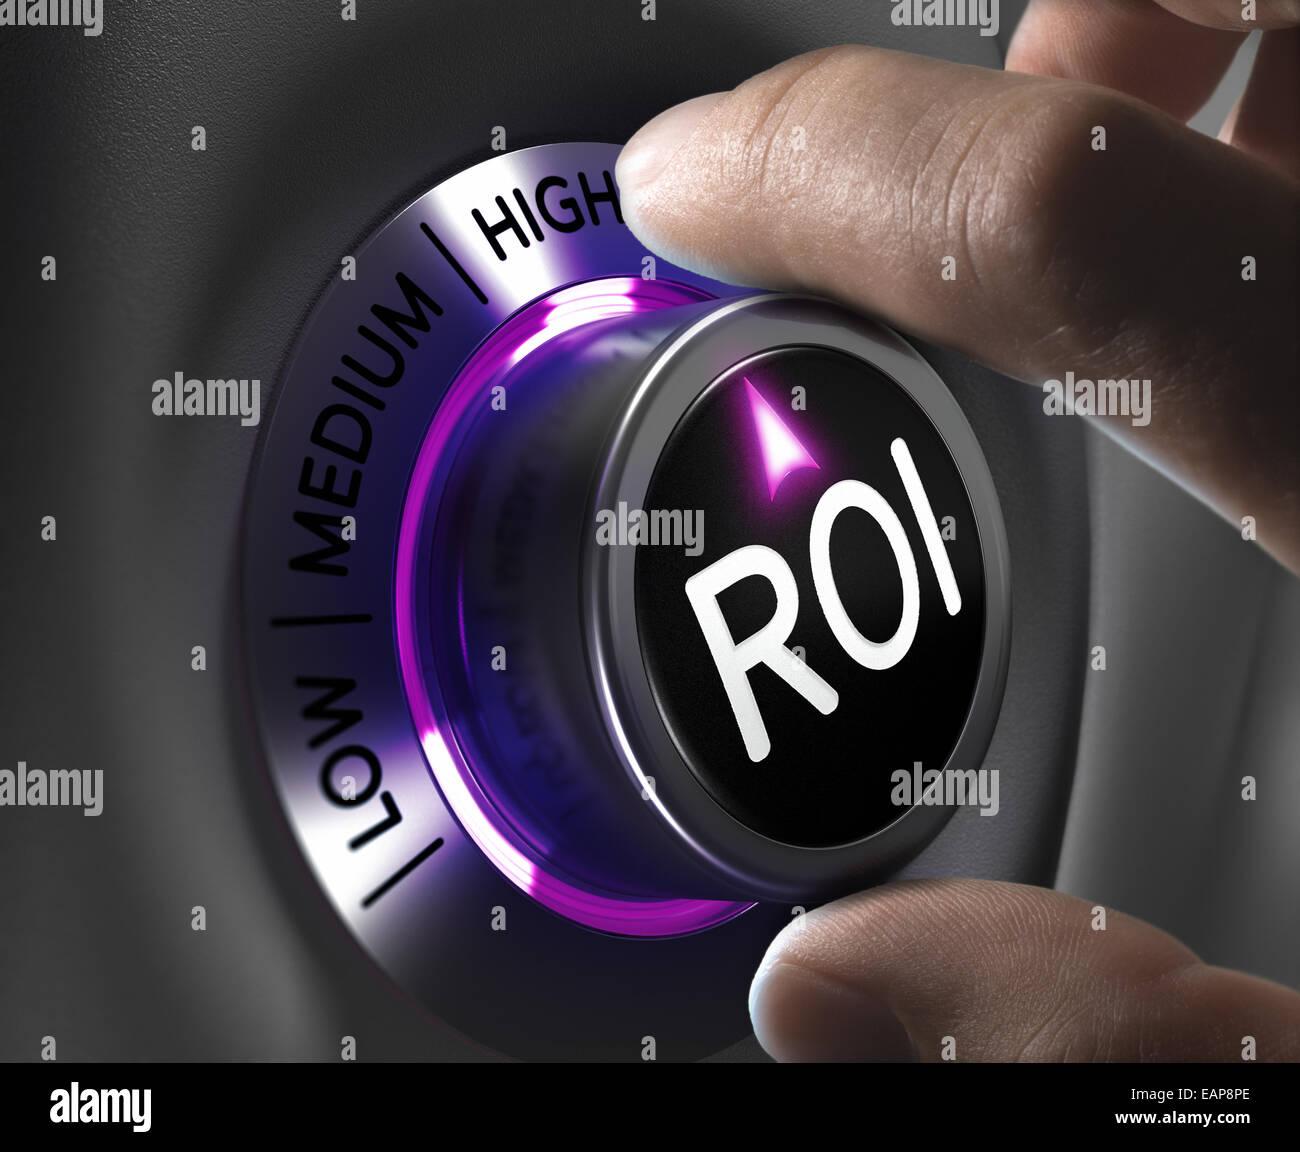 Return on Investment, ROI-Konzept, mit zwei Fingern drehen Schaltfläche in der höchsten Position. Konzeptionelle Stockbild